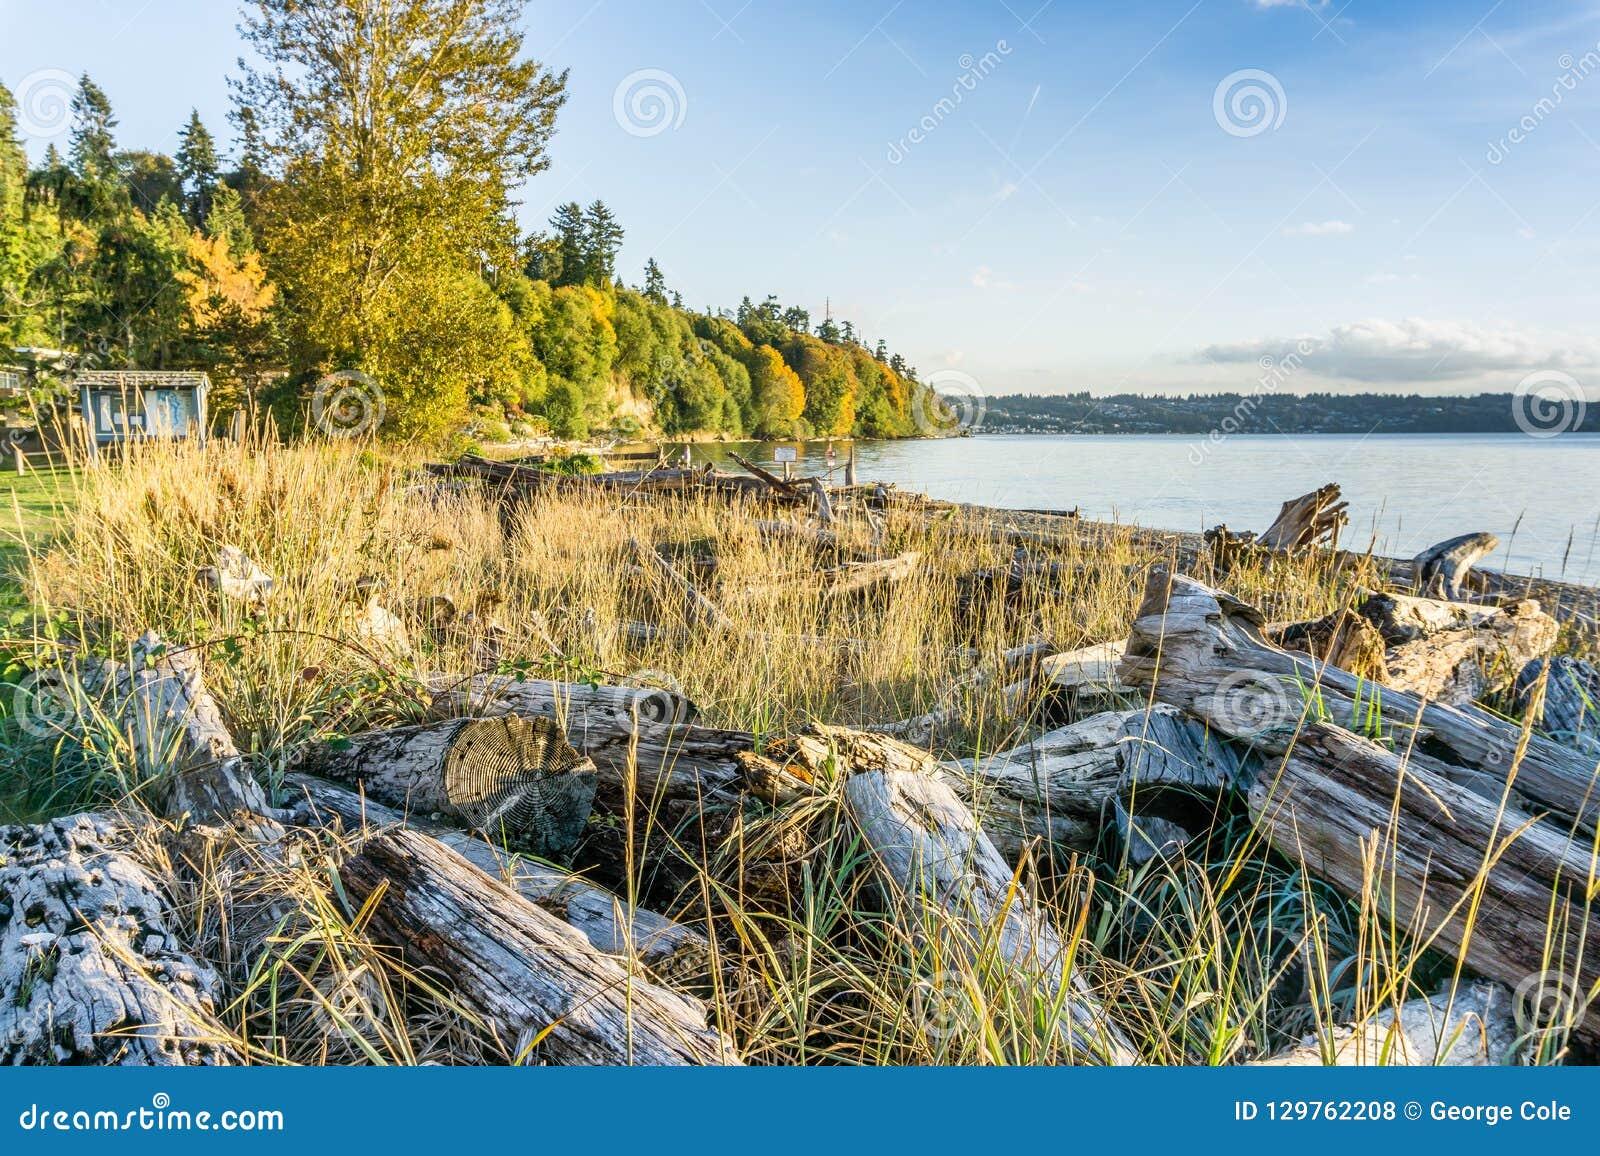 Treibholz Autumn Shoreline 3